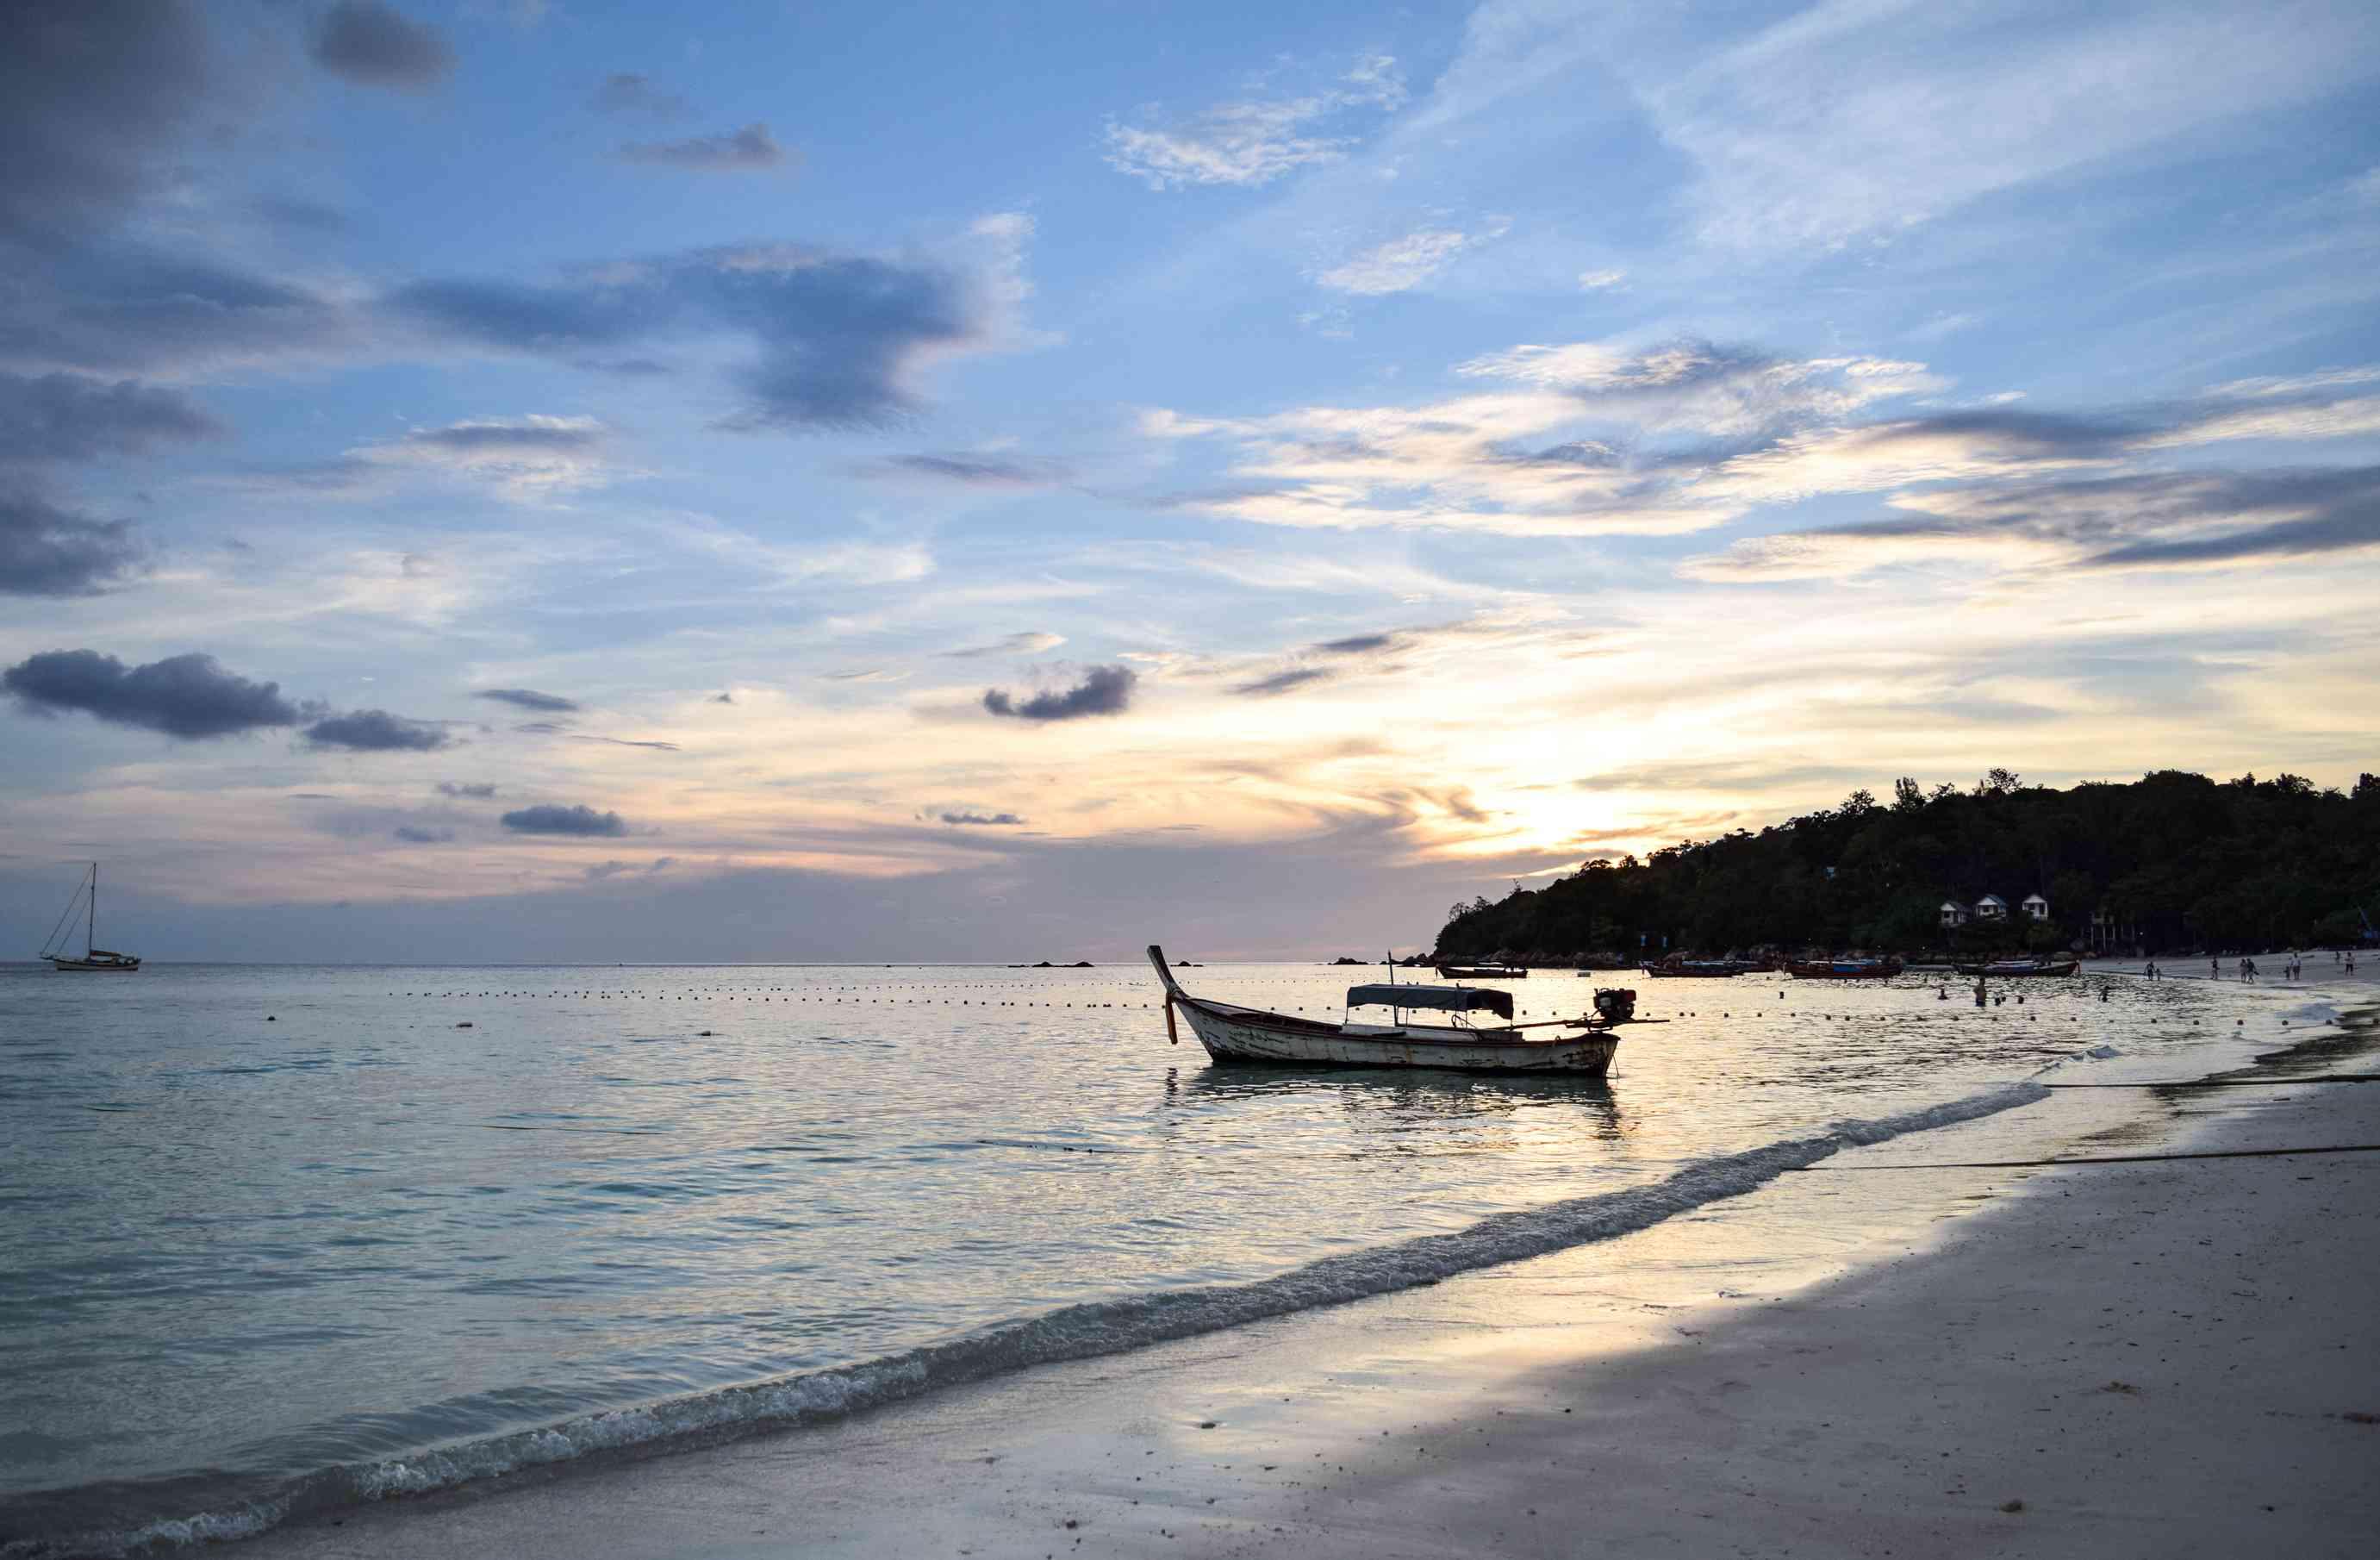 A boat on the coast of Koh Lipe